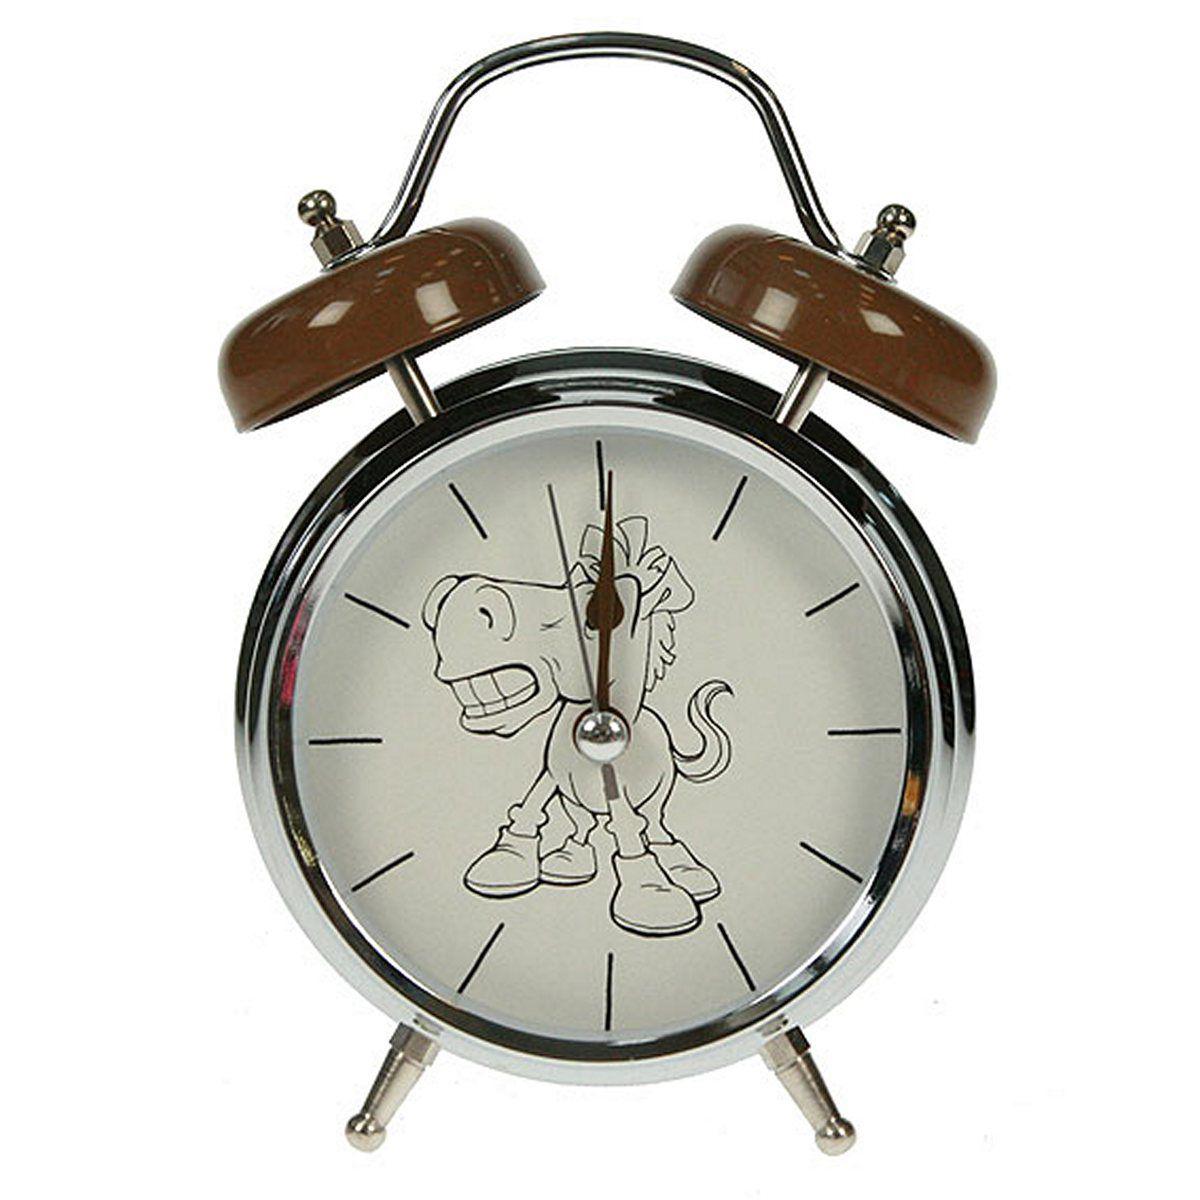 Часы настольные Русские Подарки Лошадь, с функцией будильника, 12 х 6 х 17 см. 2324172706 (ПО)Настольные кварцевые часы Русские Подарки Лошадь изготовлены из металла, циферблат защищен стеклом. Оригинальное оформление в виде смешной лошадки поднимет настроение, а благодаря функции будильника вы проснетесь вовремя. Часы имеют три стрелки - часовую, минутную и секундную.Такие часы украсят интерьер дома или рабочий стол в офисе. Также часы могут стать уникальным, полезным подарком для родственников, коллег, знакомых и близких.Часы работают от батареек типа АА (в комплект не входят).